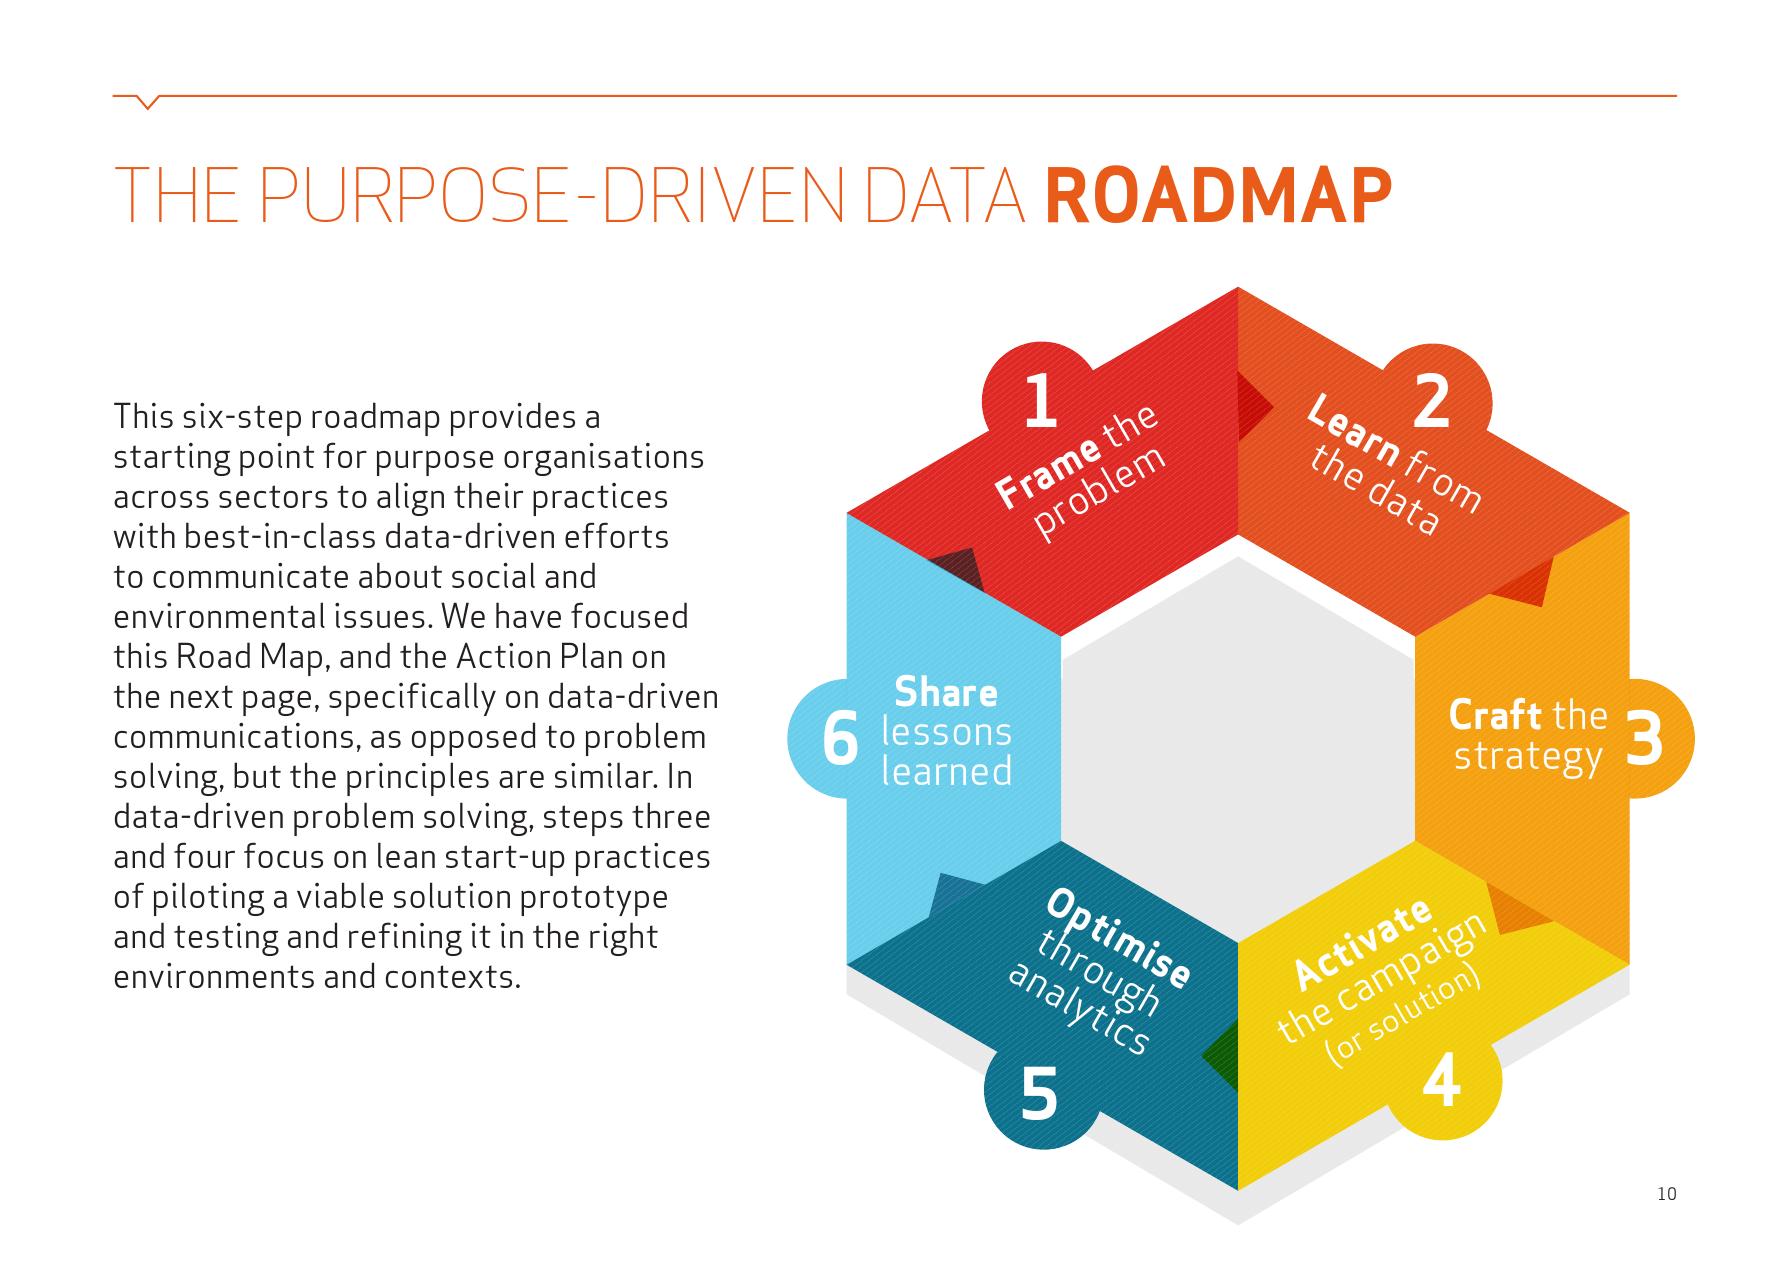 创新趋势报告:目标驱动的数据_000010